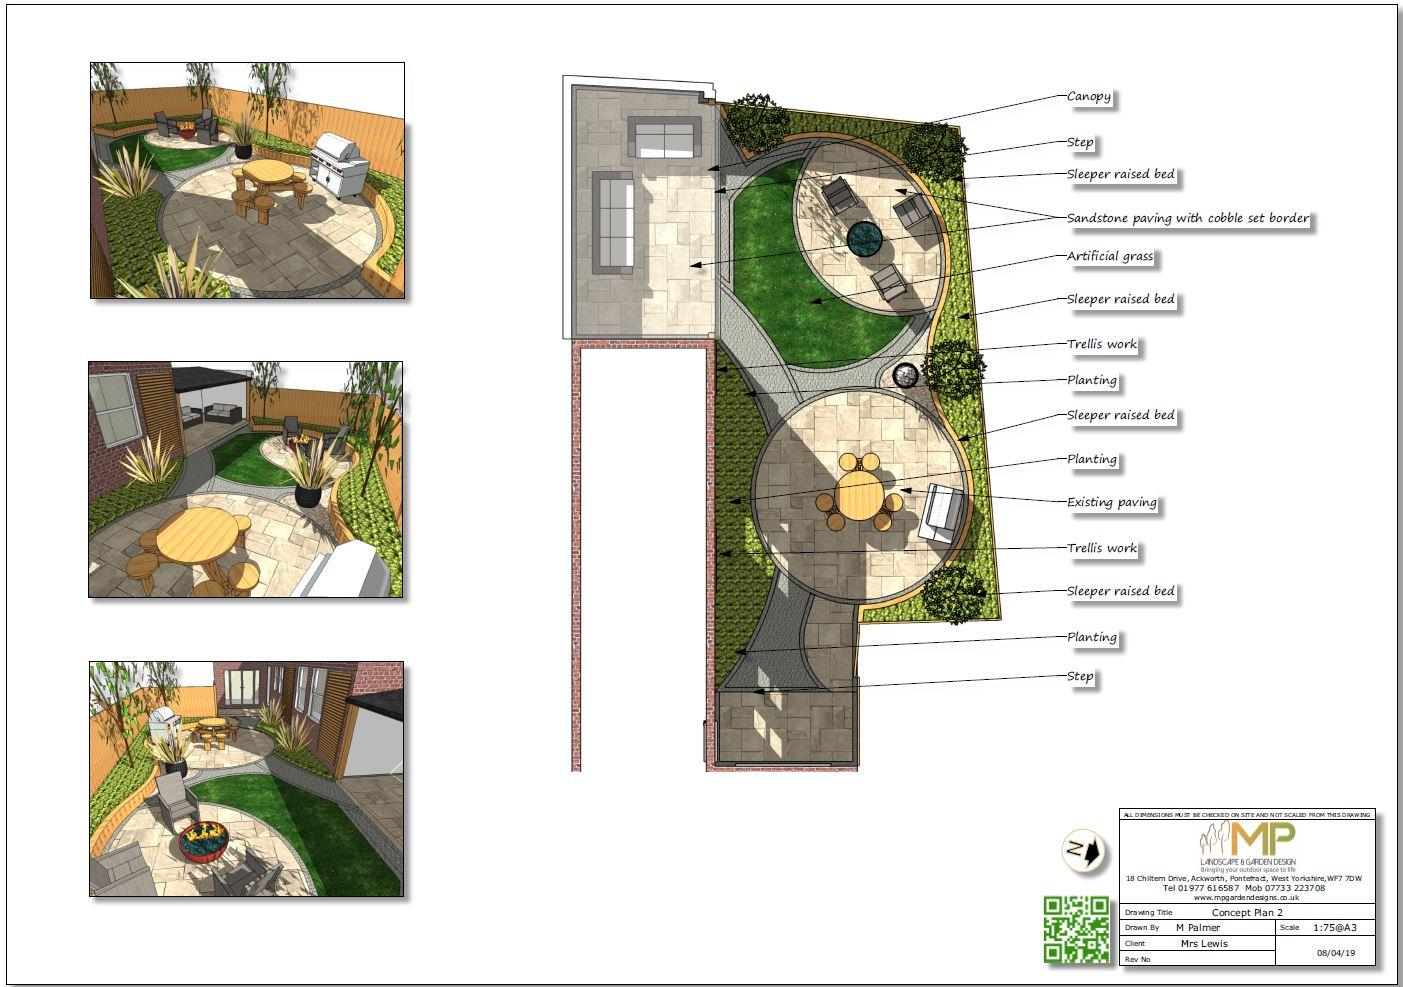 2, concept plan for a rear garden in Castleford